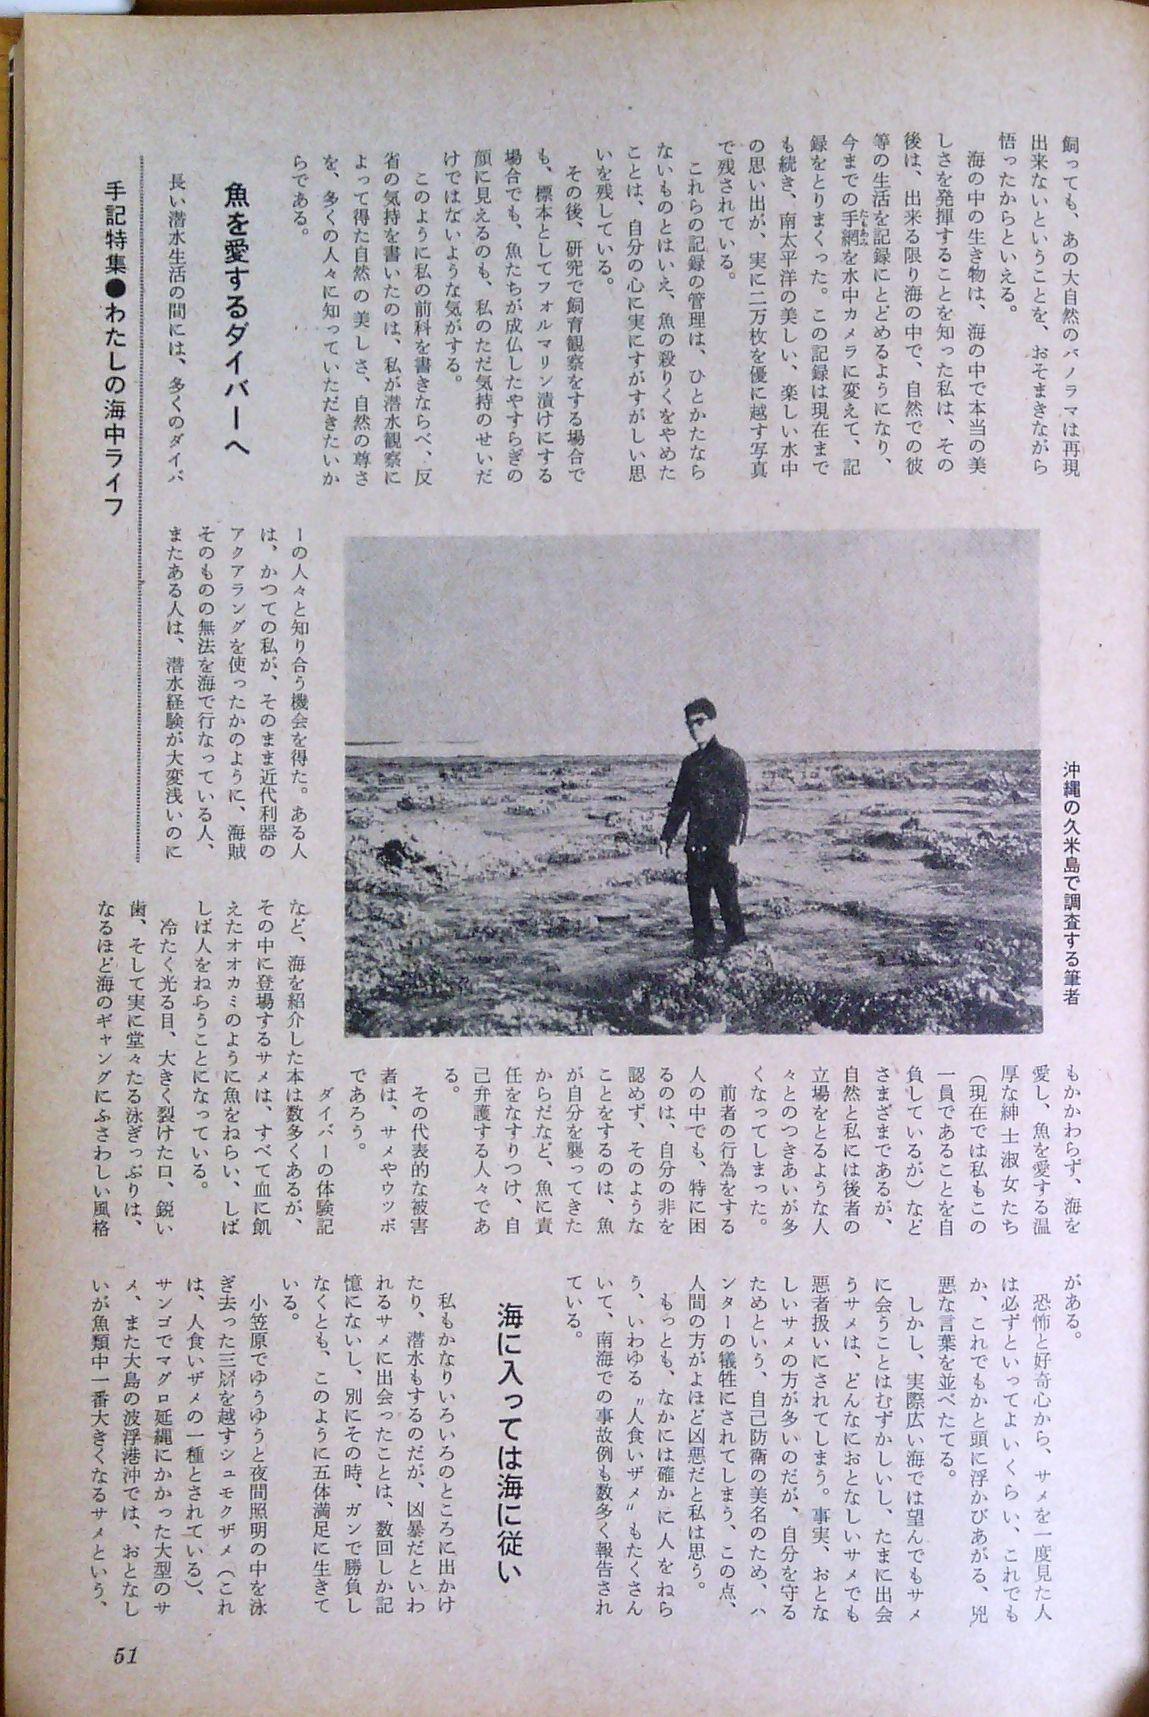 0517 ダイビングの歴史 72 海の世界1974-7月 2_b0075059_15191739.jpg